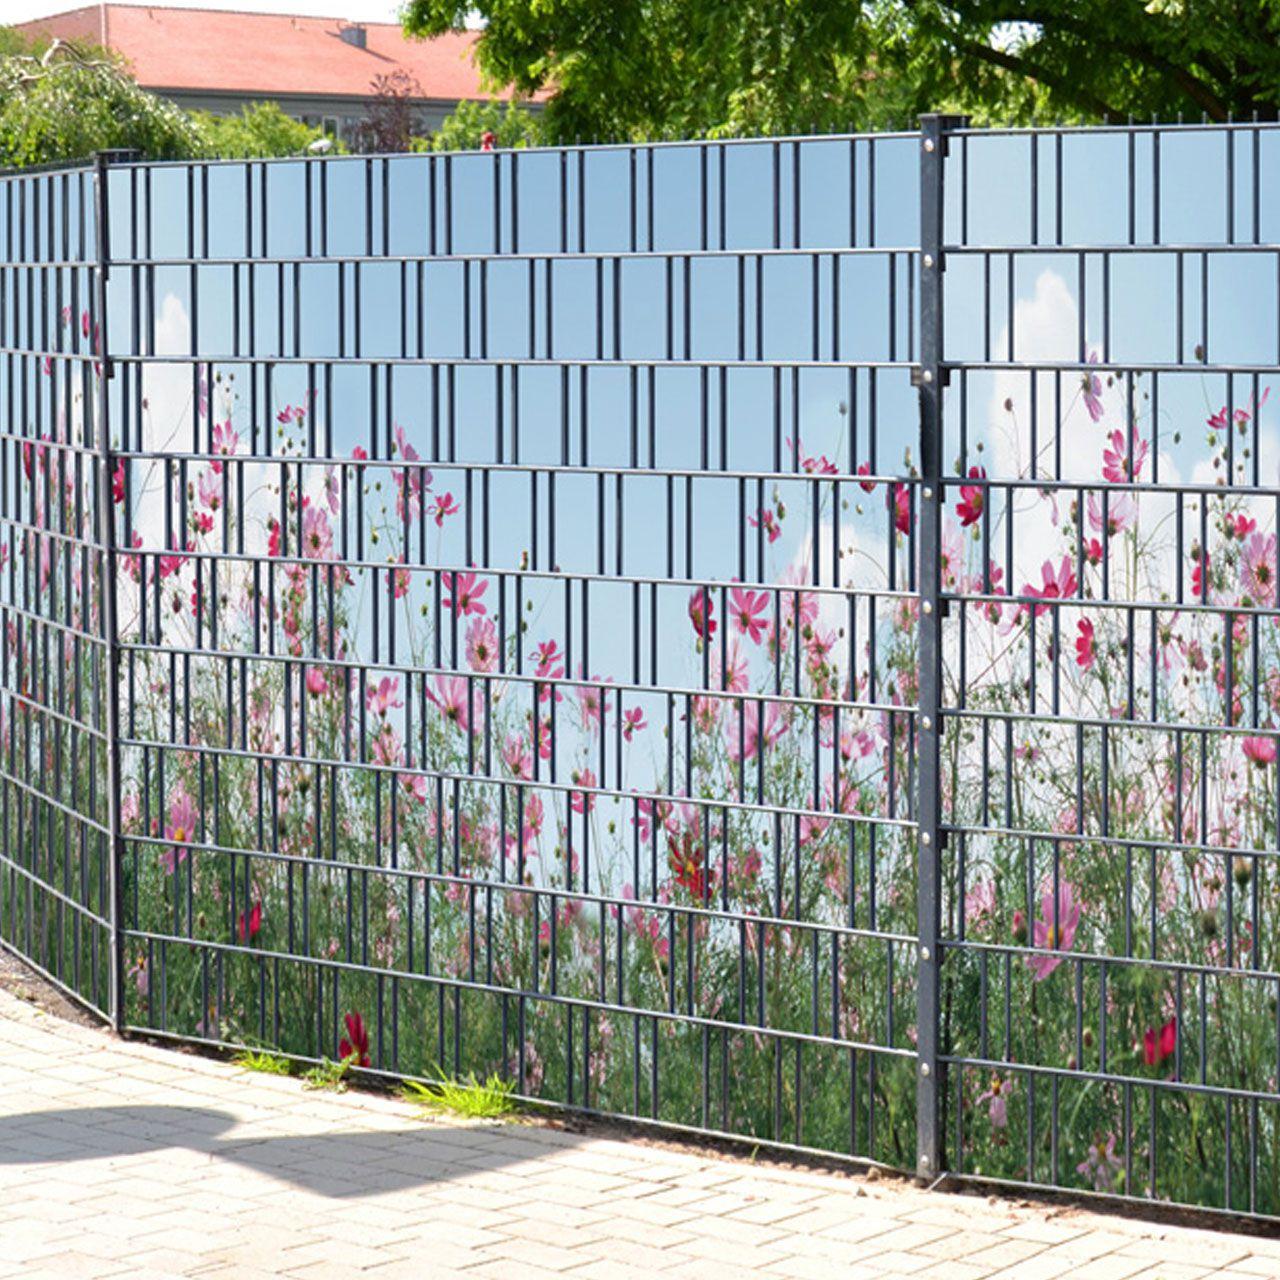 Sichtschutzstreifen bedruckt Motiv Sommerblumen rose